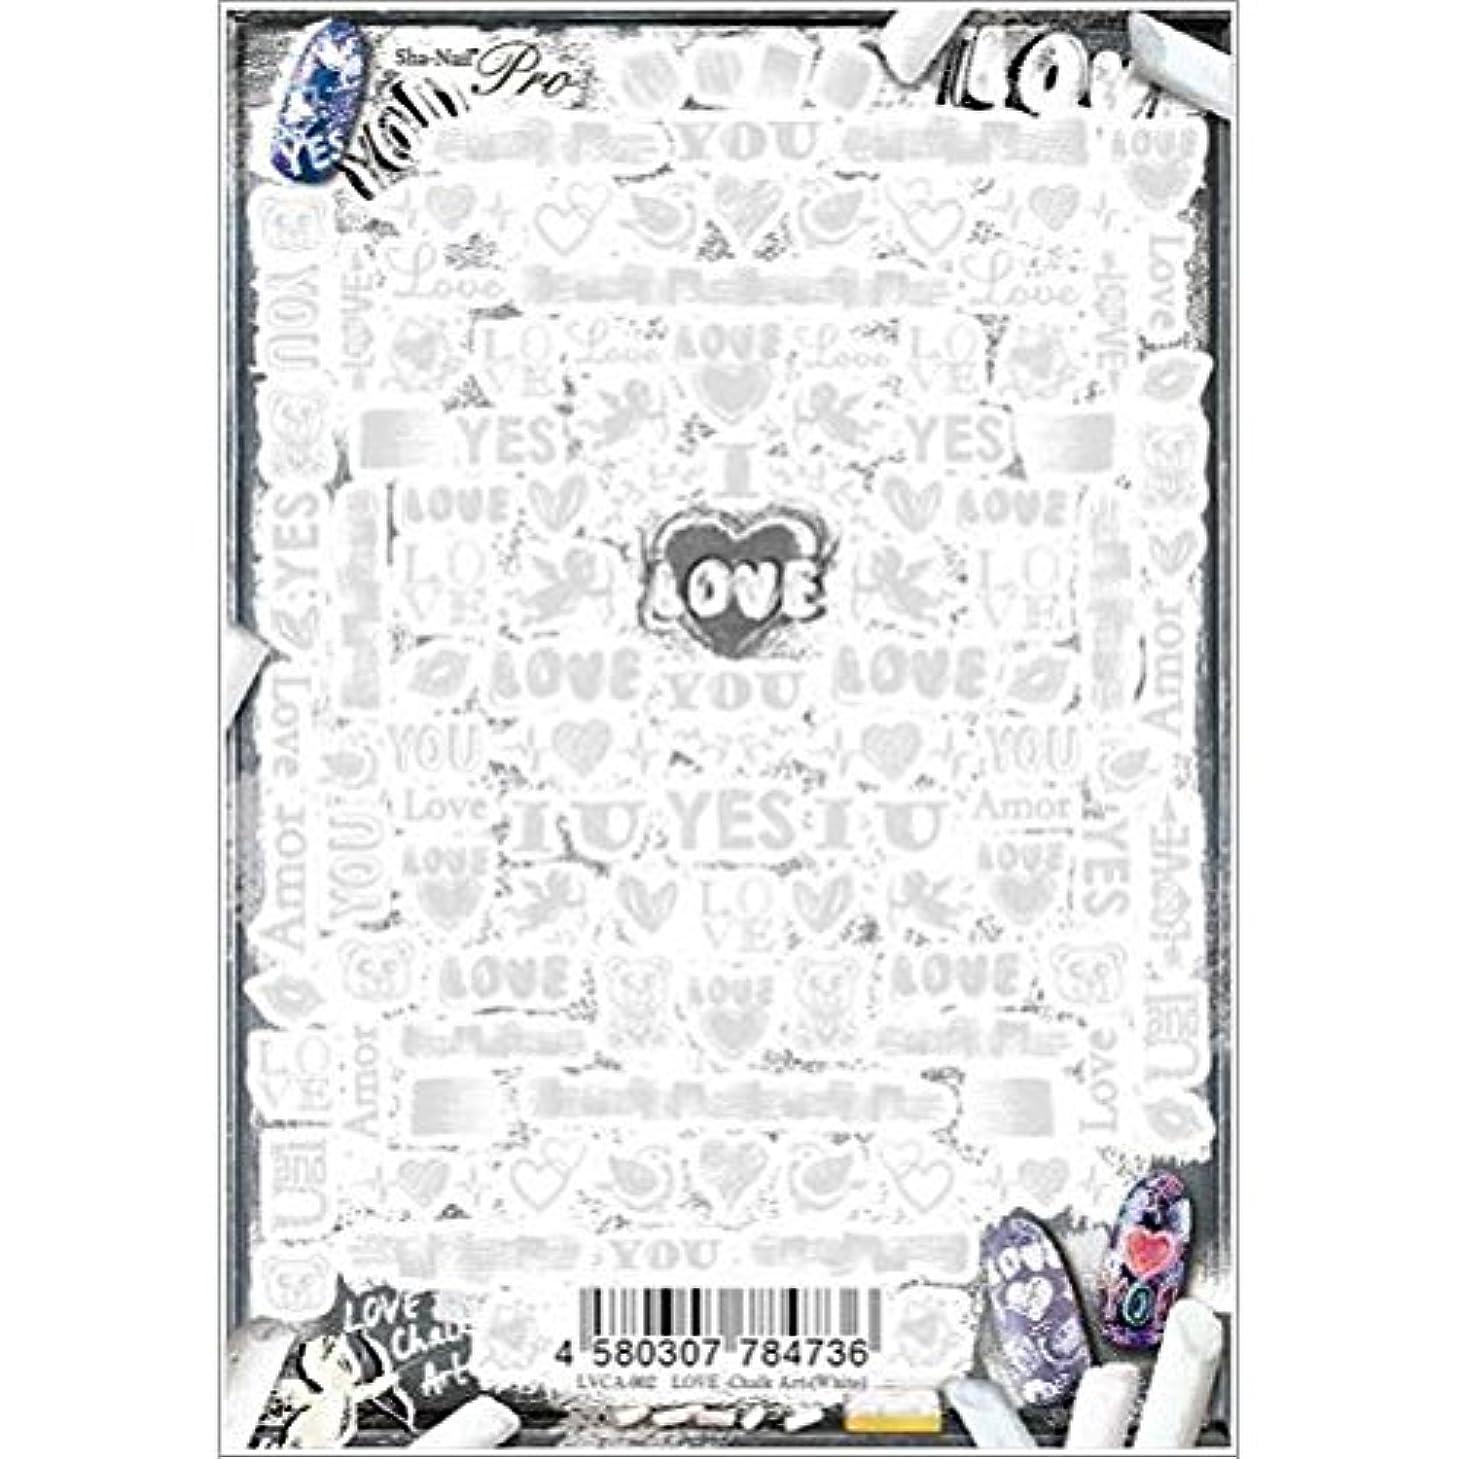 ラテン樹木おじいちゃんSha-Nail Pro ネイルシール ラブ-チョークアート-(ホワイト) LVCA-002